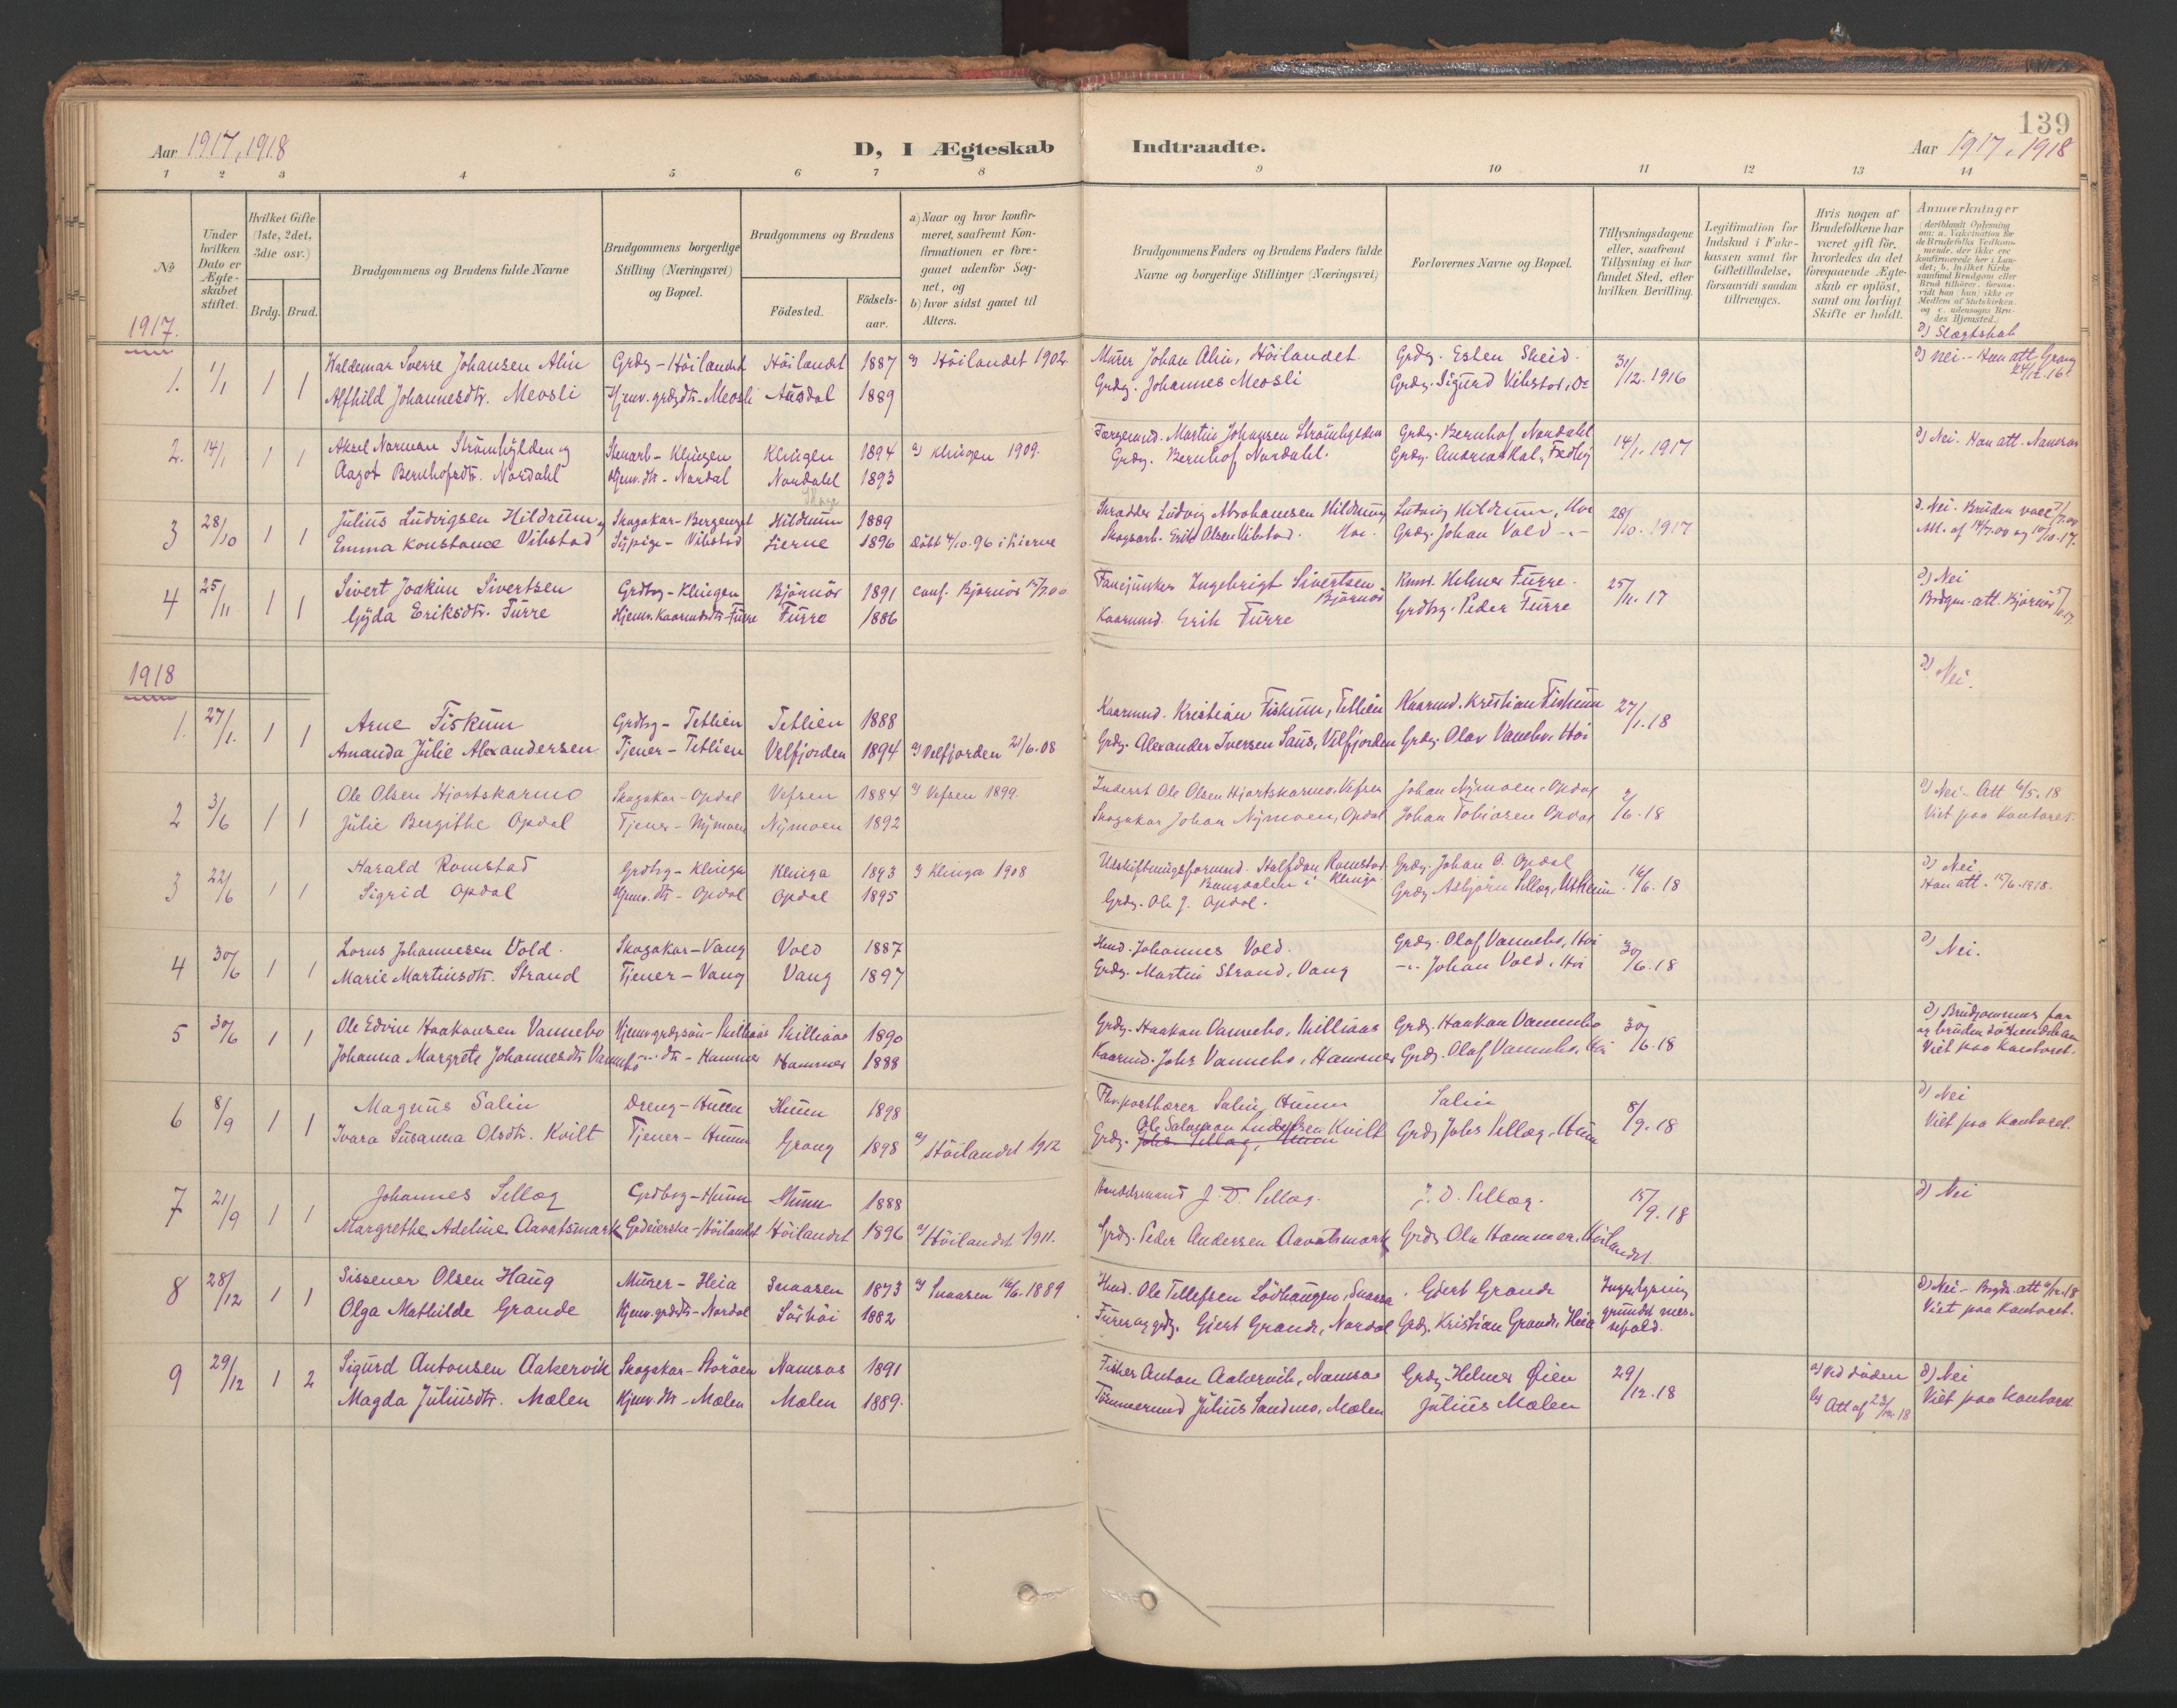 SAT, Ministerialprotokoller, klokkerbøker og fødselsregistre - Nord-Trøndelag, 766/L0564: Ministerialbok nr. 767A02, 1900-1932, s. 139